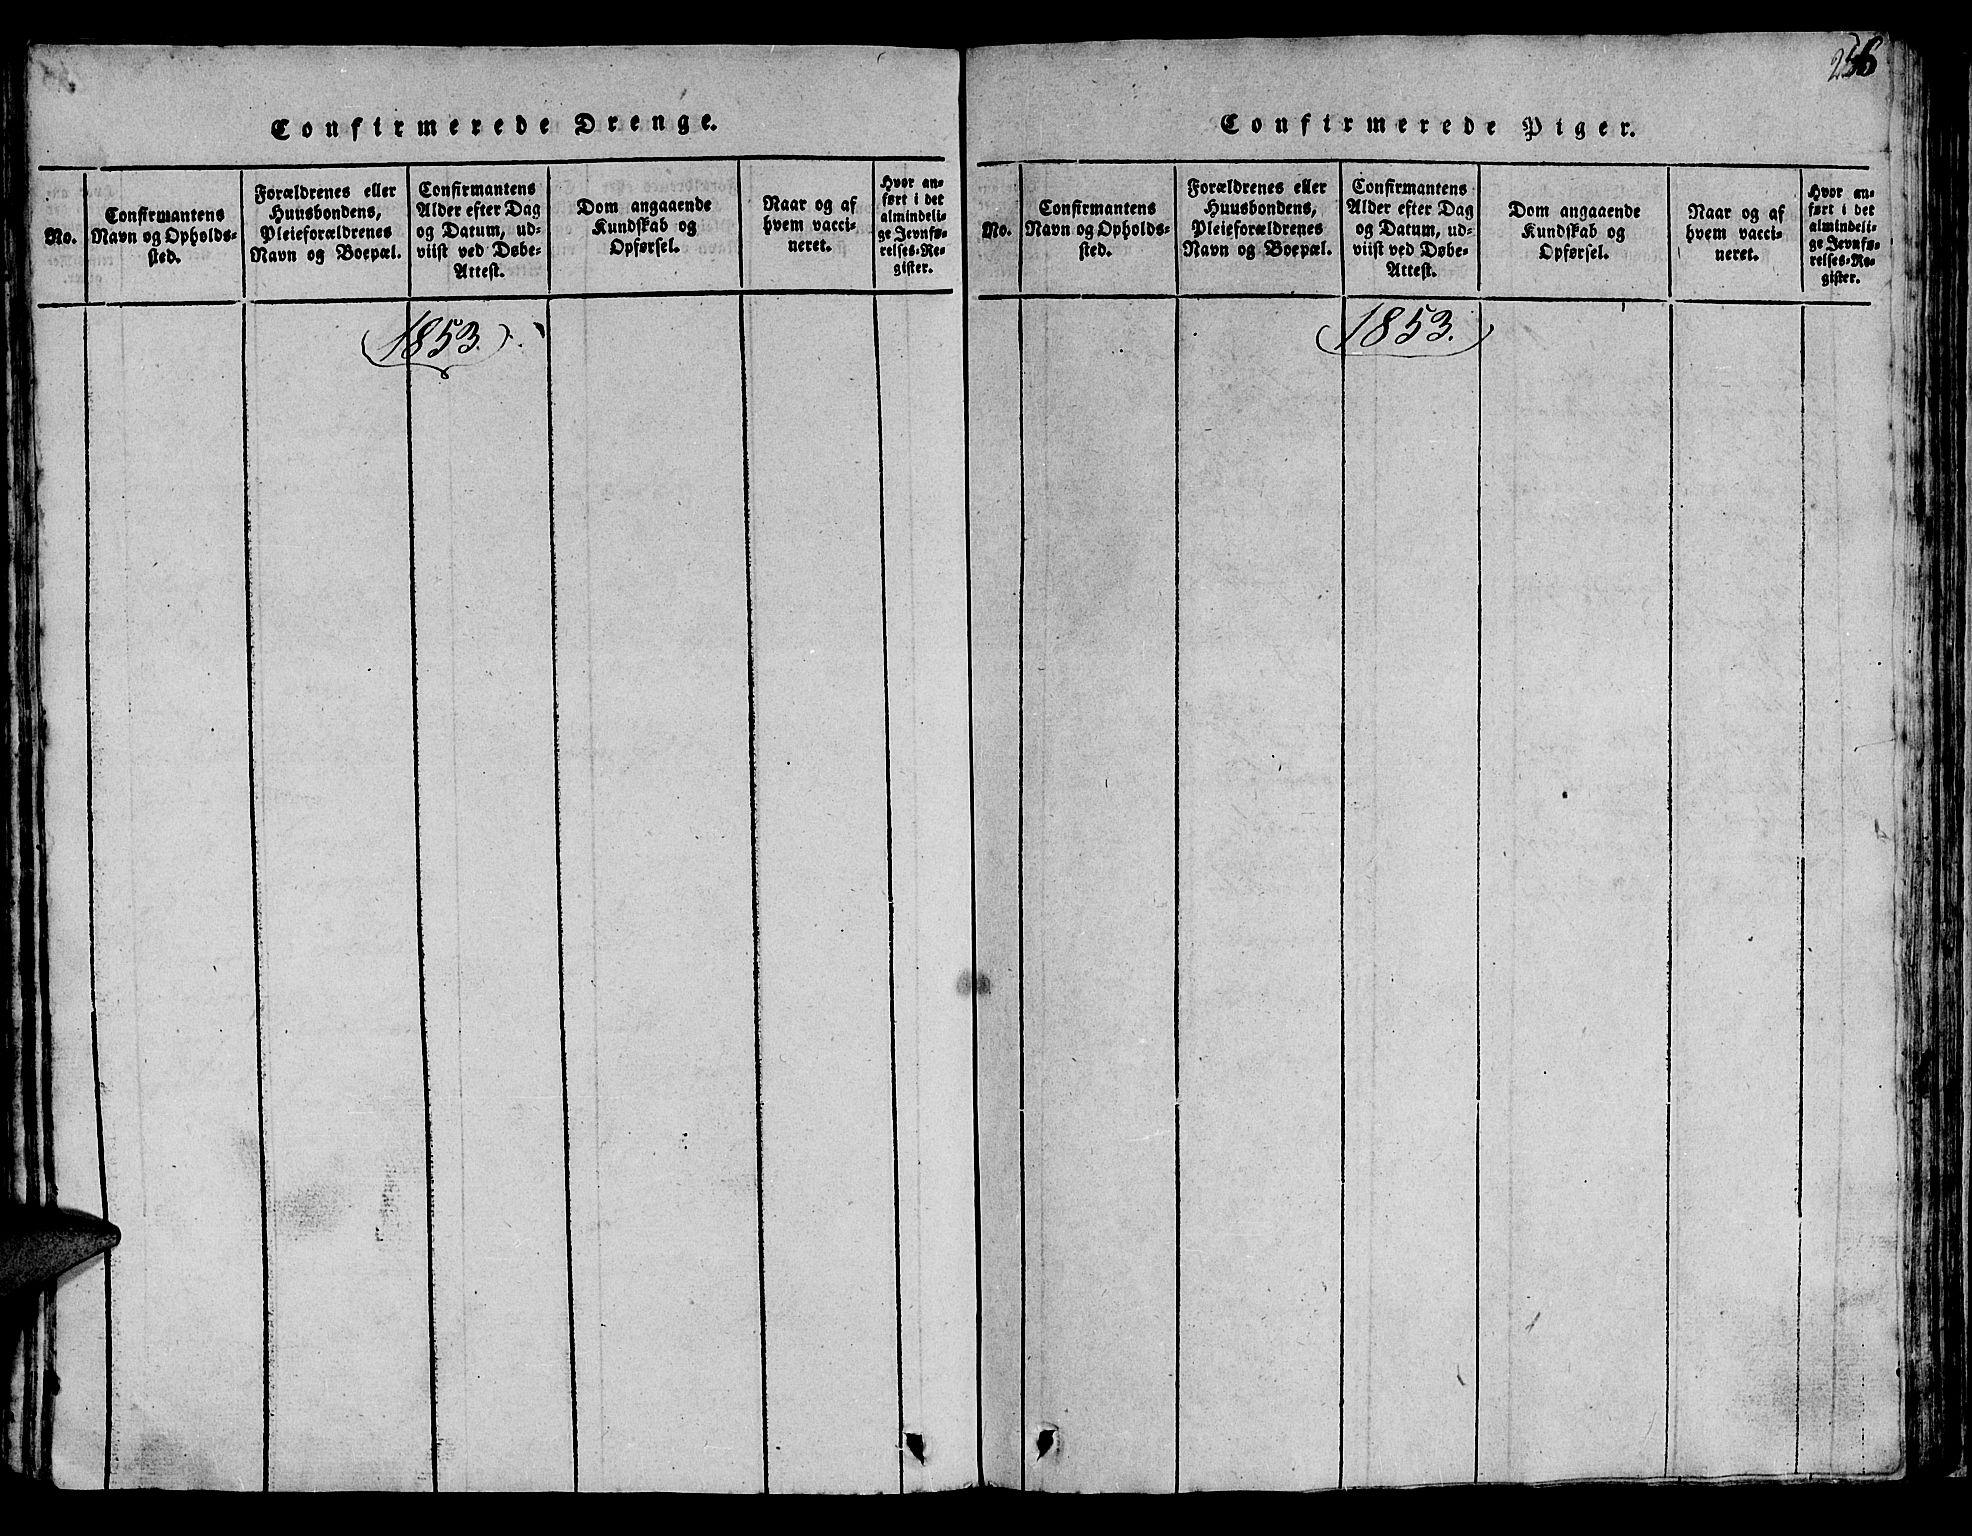 SAT, Ministerialprotokoller, klokkerbøker og fødselsregistre - Sør-Trøndelag, 613/L0393: Klokkerbok nr. 613C01, 1816-1886, s. 256